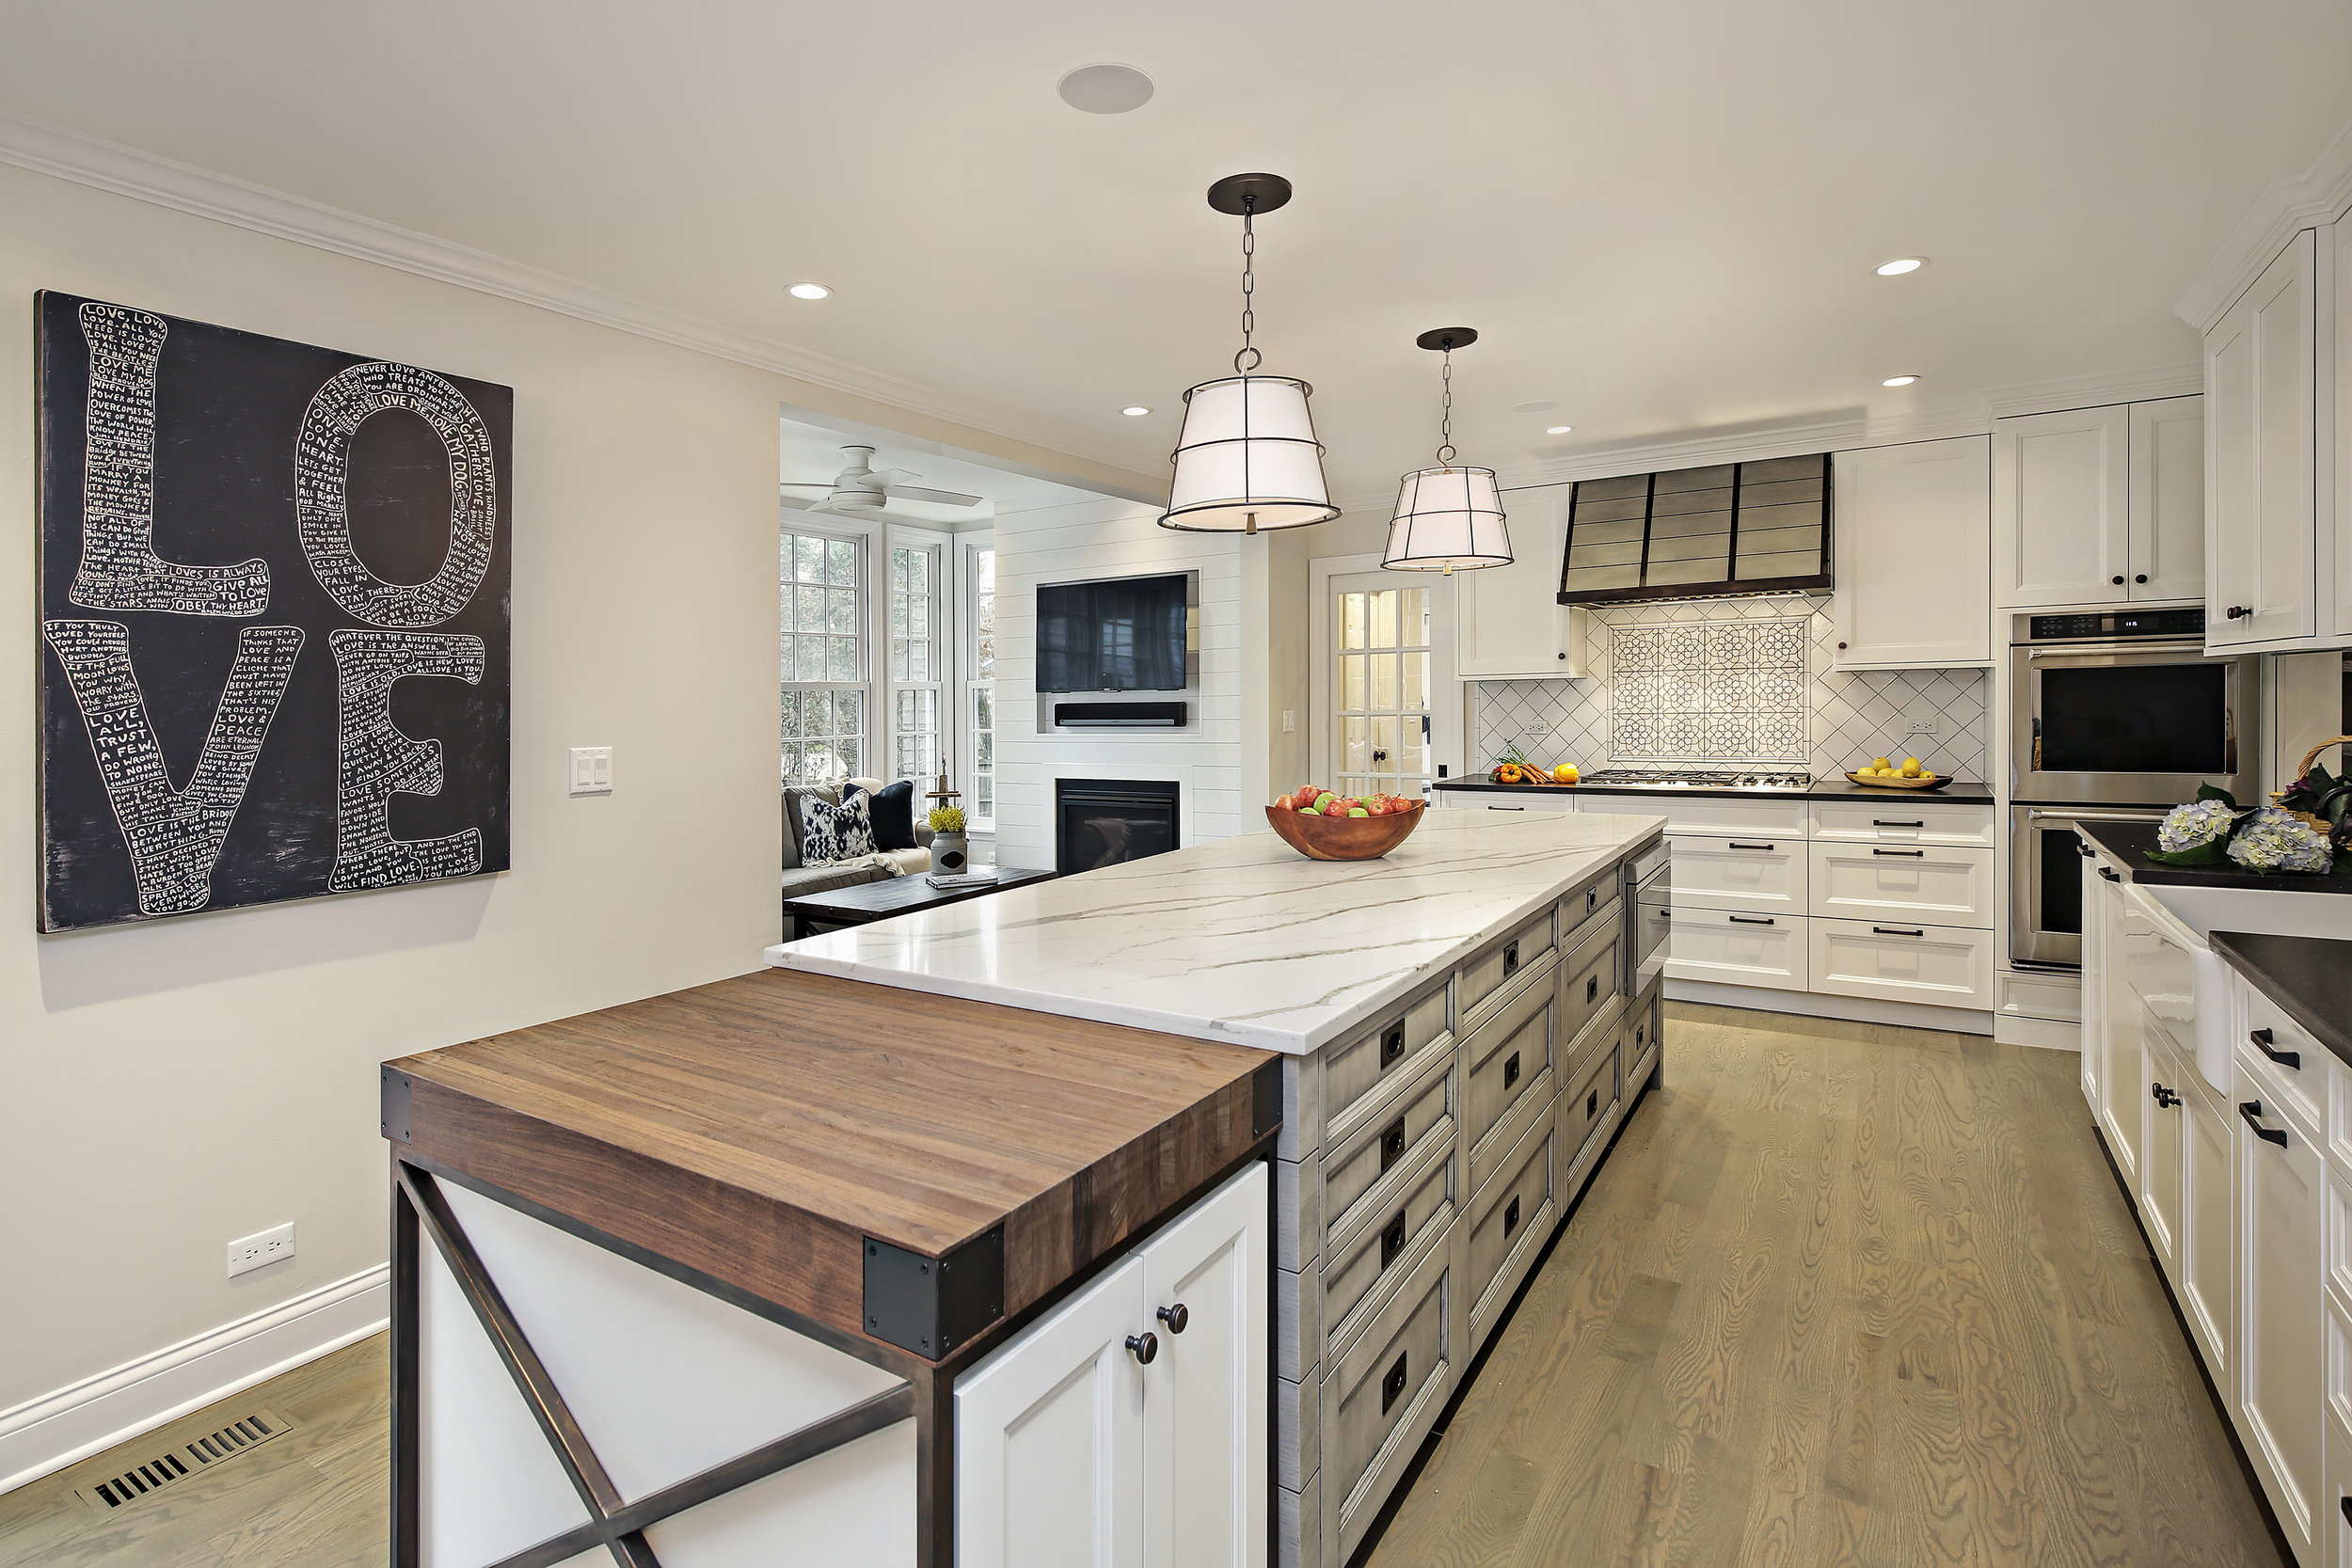 kitchen2_680carriageway.jpg